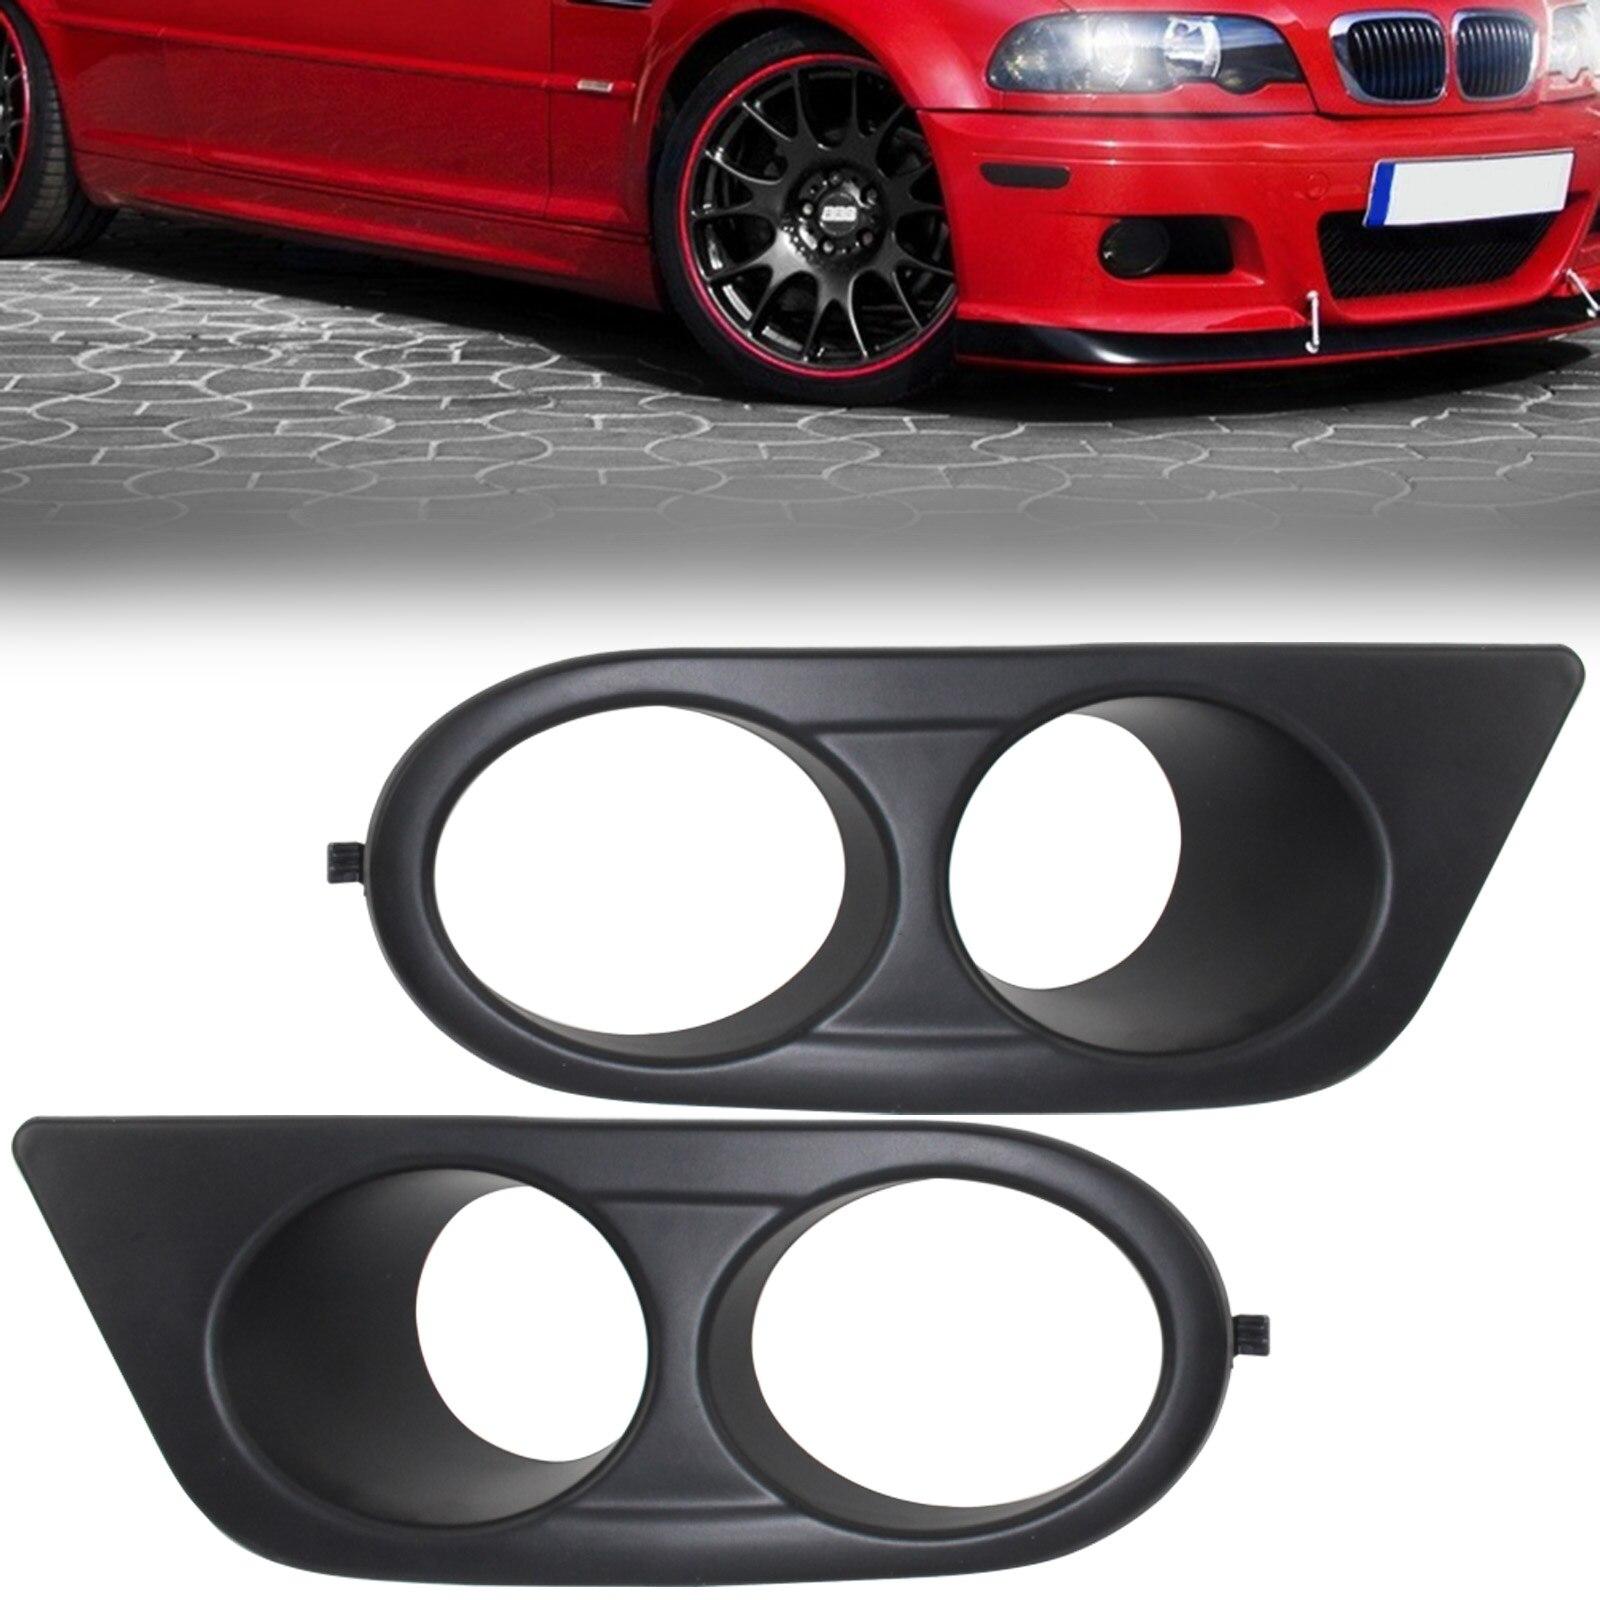 Mayitr высокое качество 1 пара автомобиль для укладки АБС Воздуховод Противотуманные фары Крышка для BMW E46 м3 2001-2006 легко установить